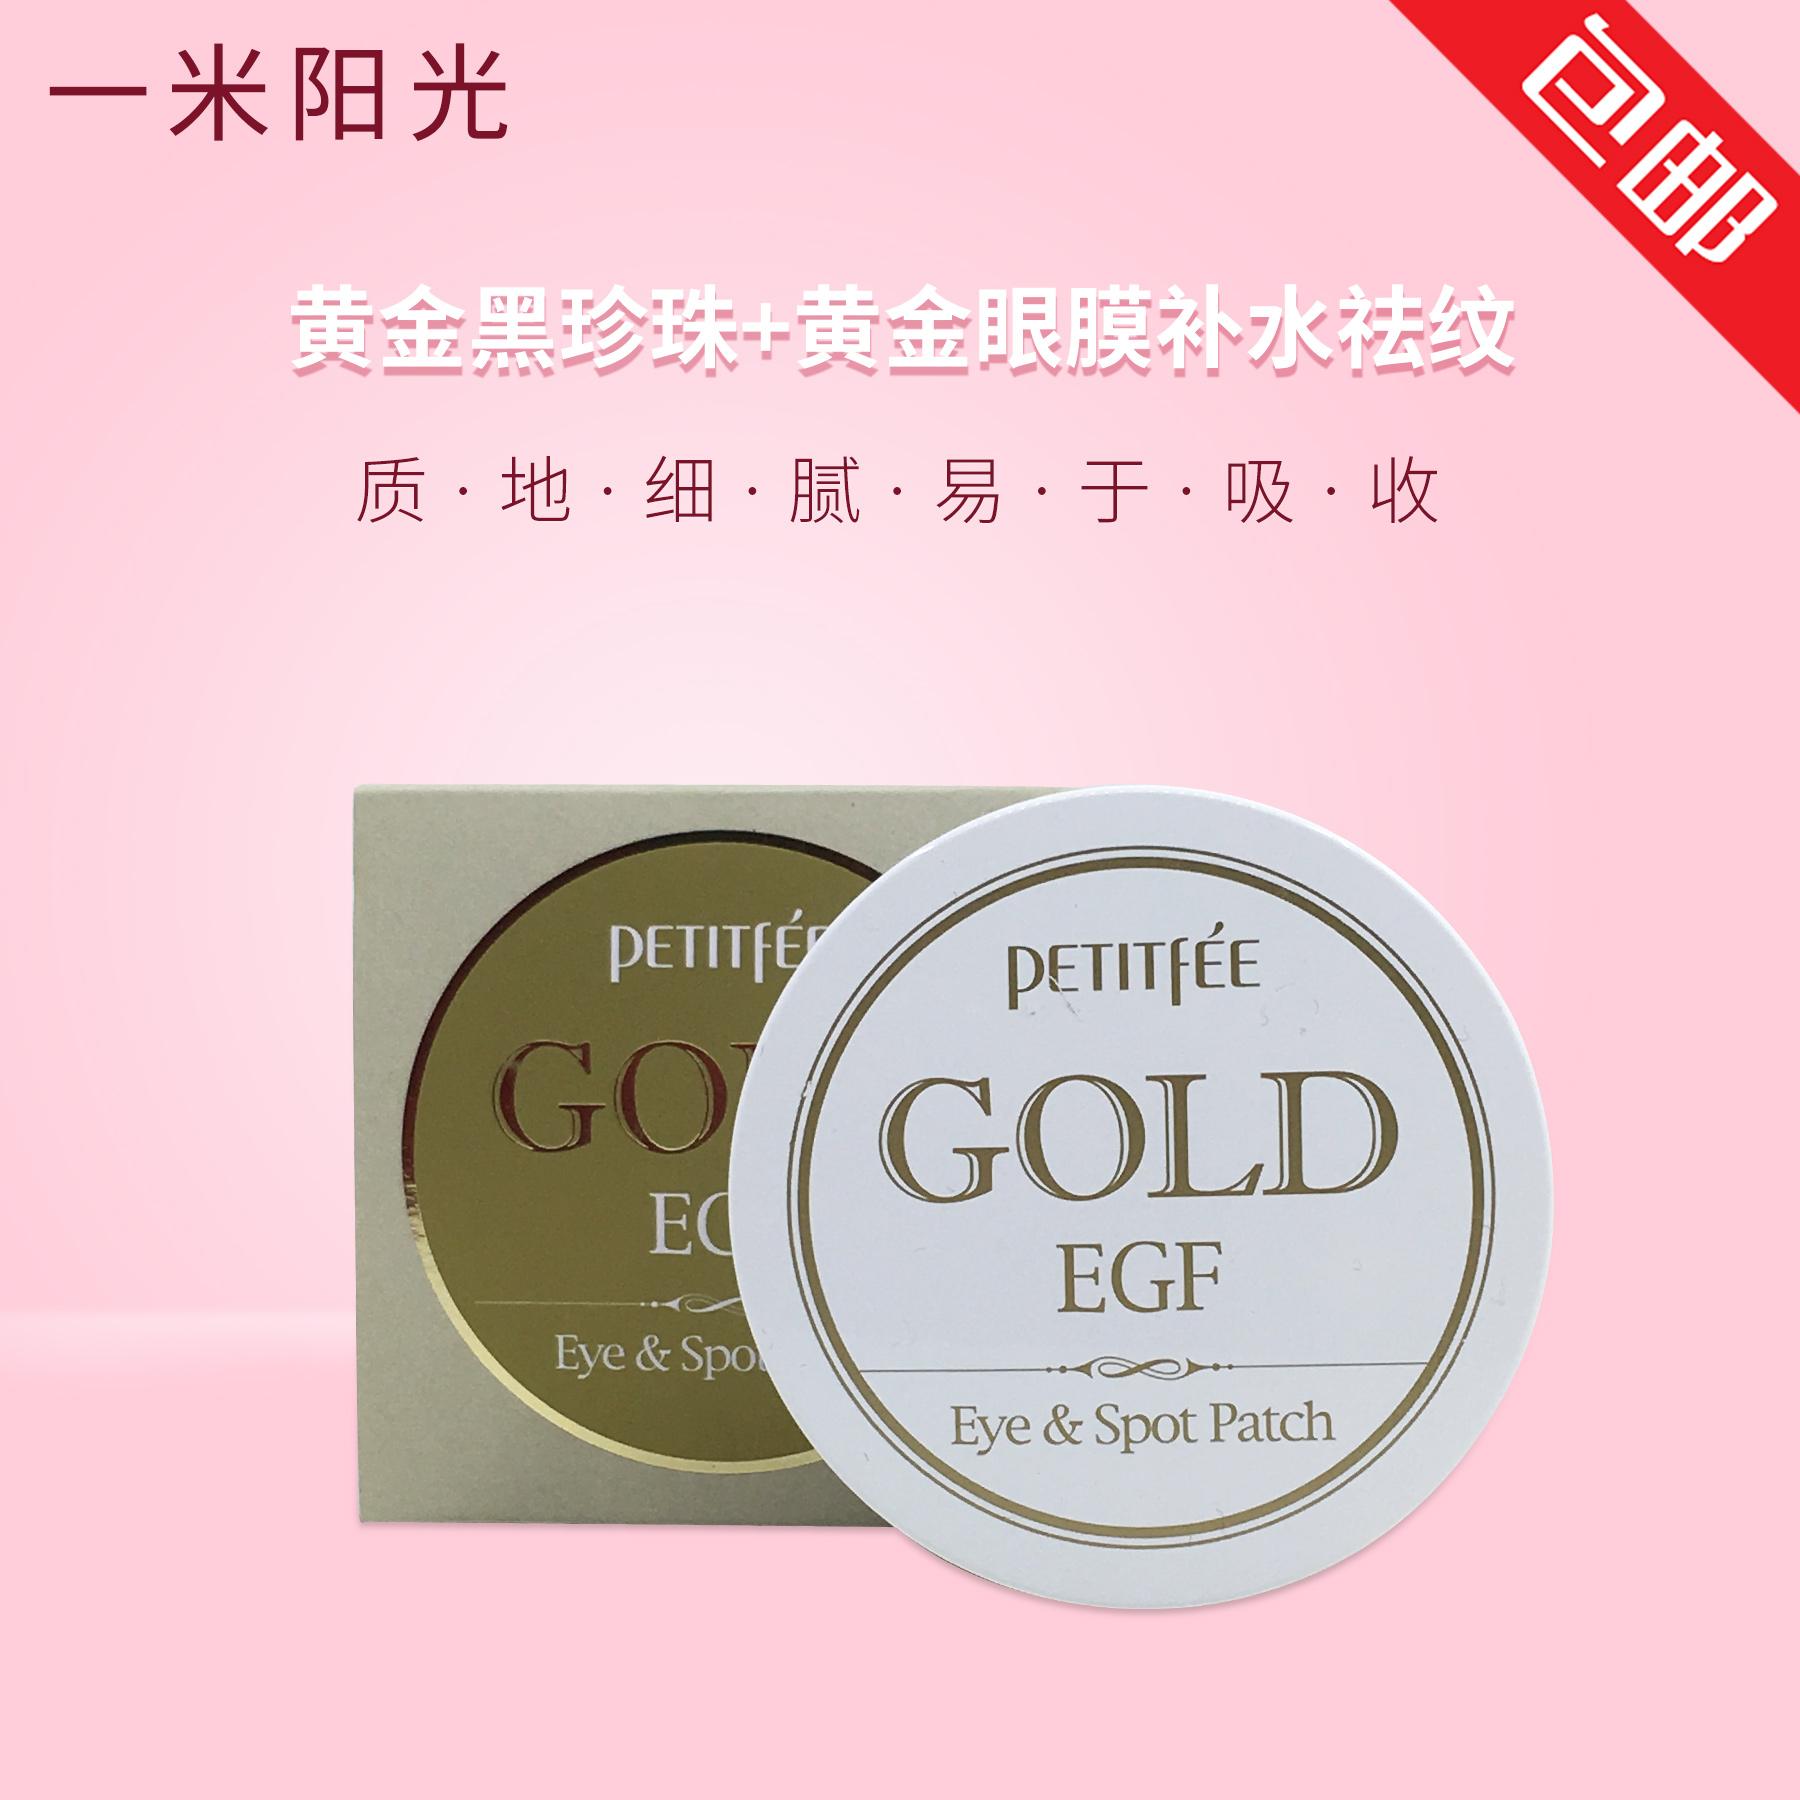 珍珠璞帝妃PETITFEE黄金黑韩国+黄金眼膜补水祛纹包邮